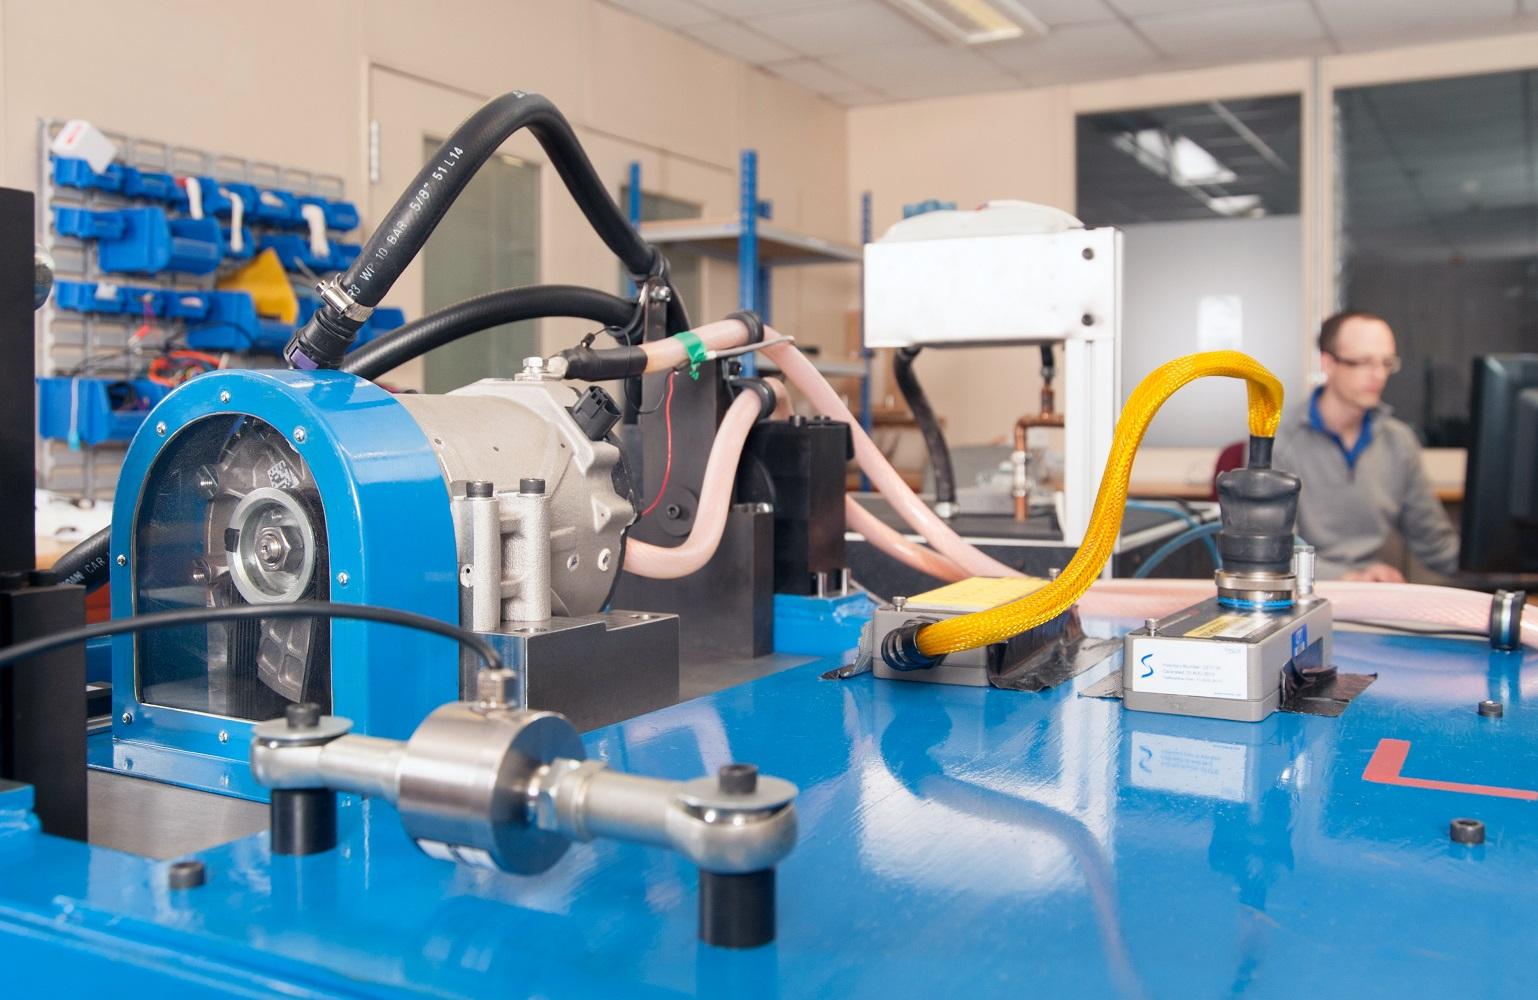 Unité SpeedStart sur un banc d'essais 48 Volts supervisée par le chef de la calibration John Kelly